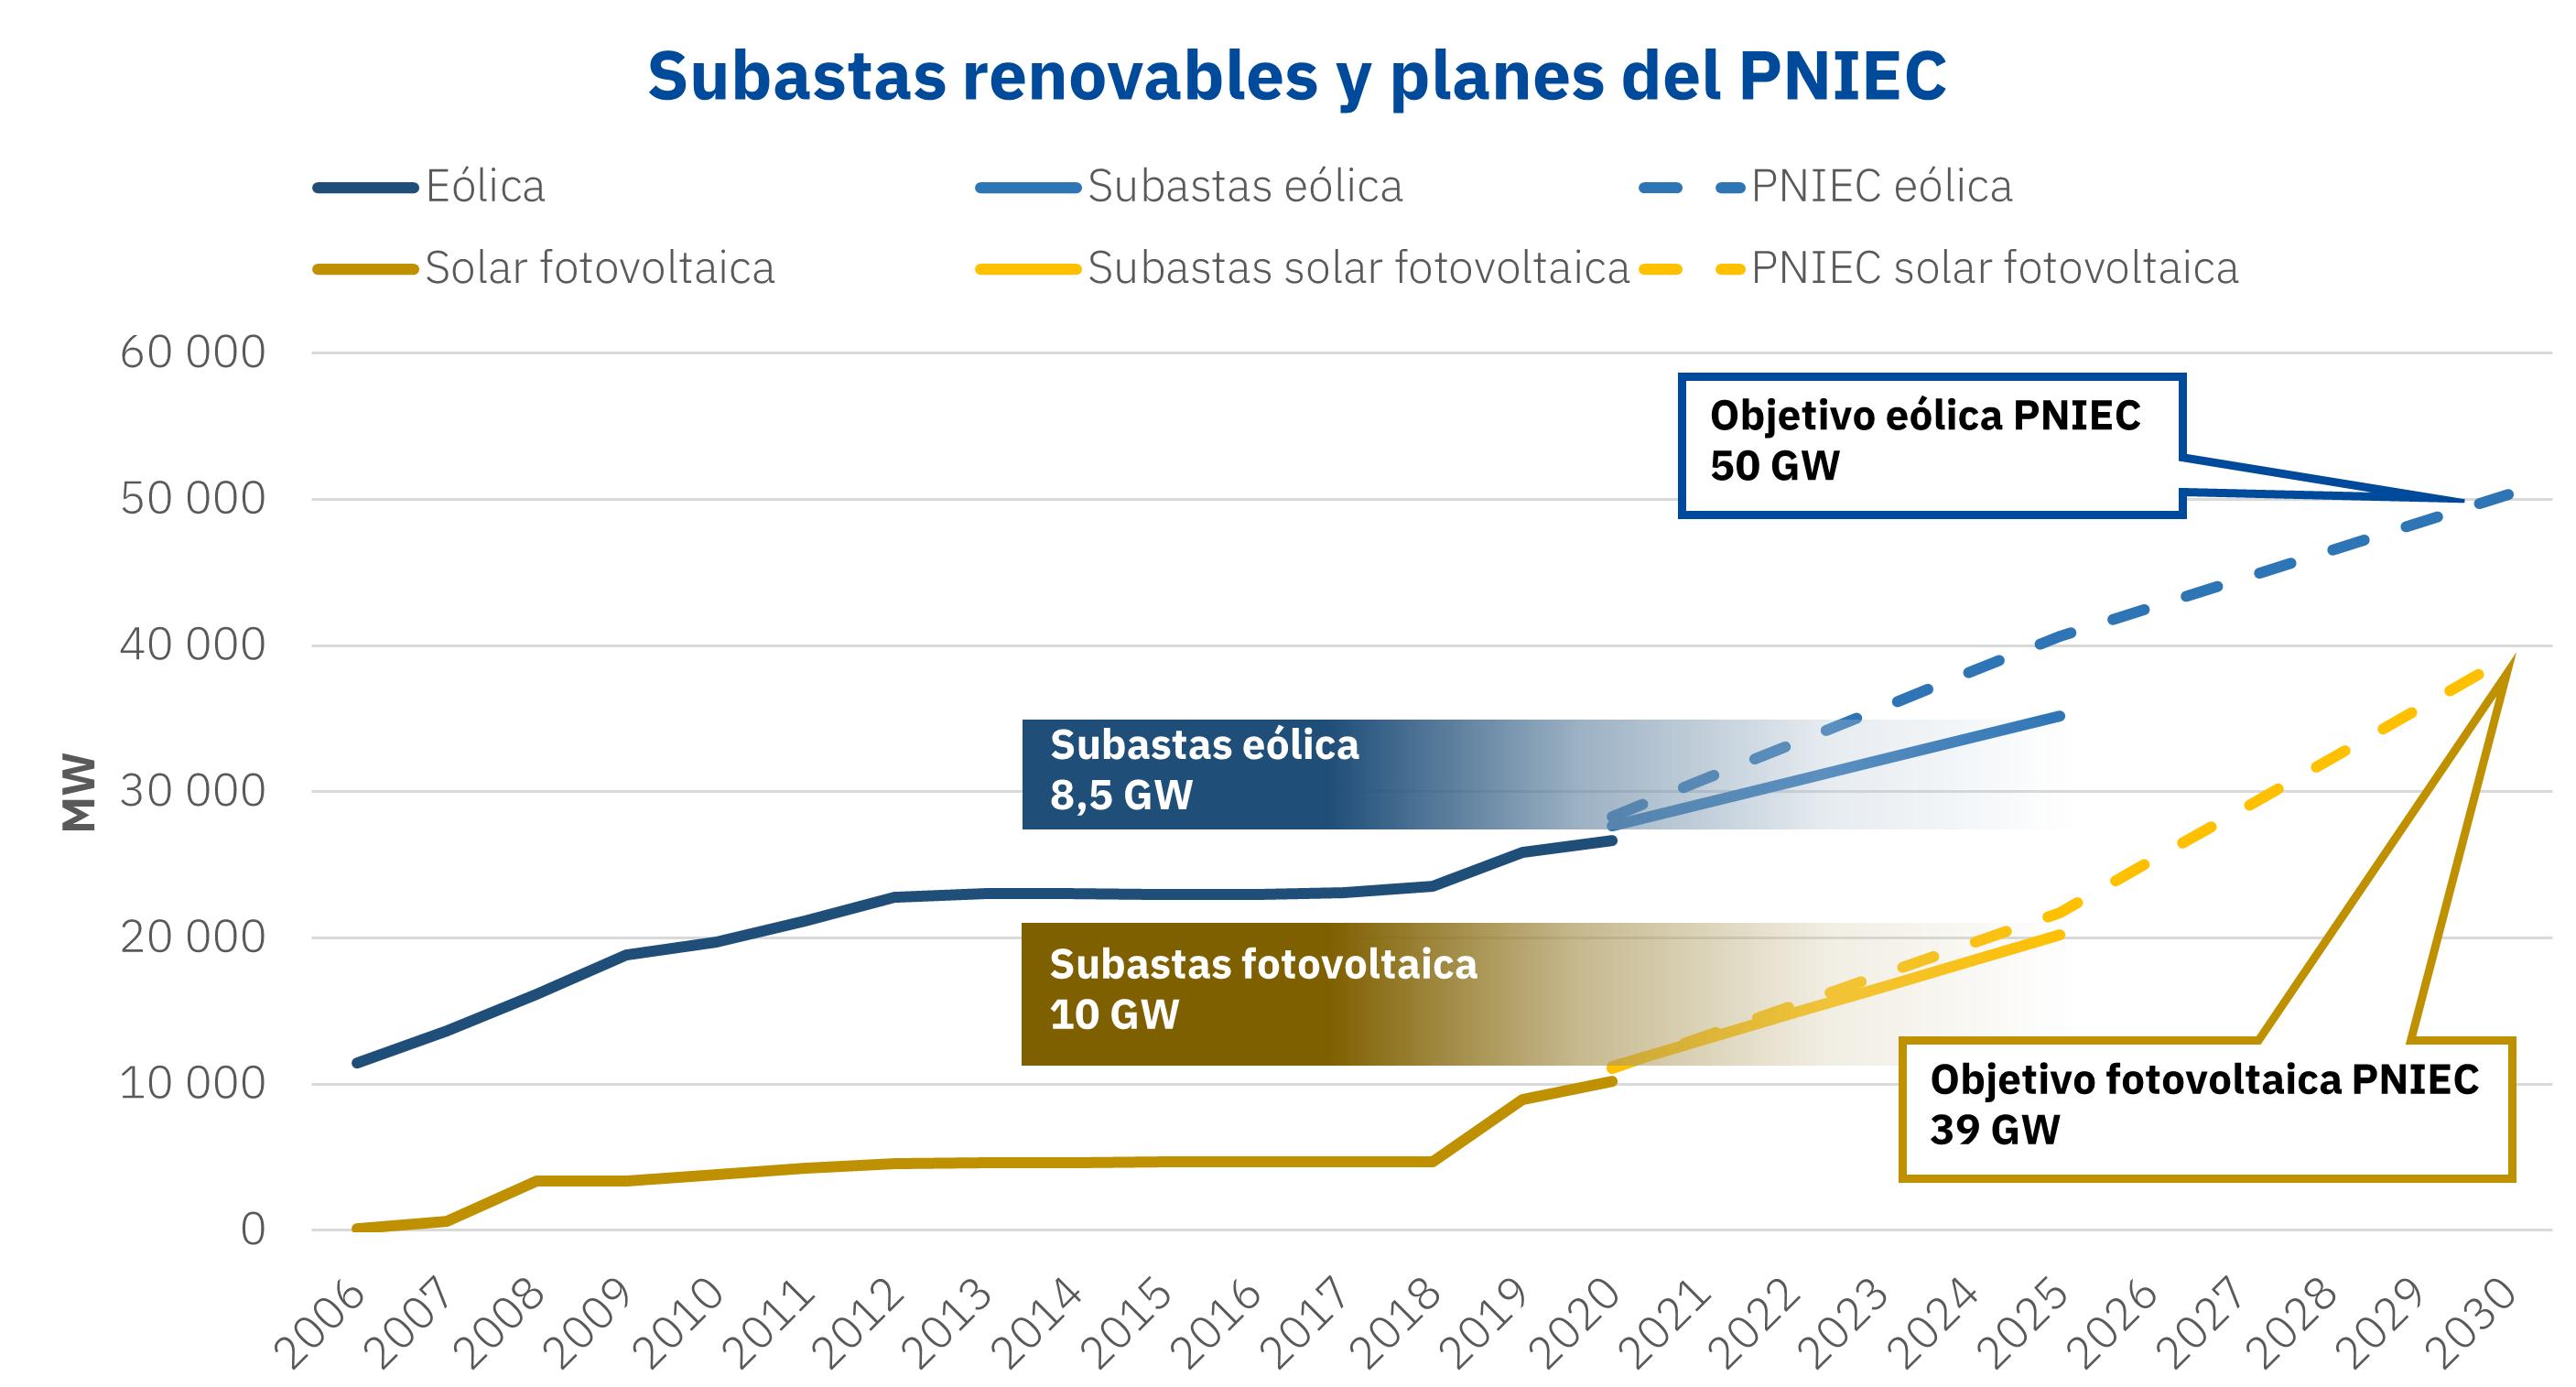 AleaSoft: El calendario de subastas renovables pretende asegurar los objetivos del PNIEC a 2025